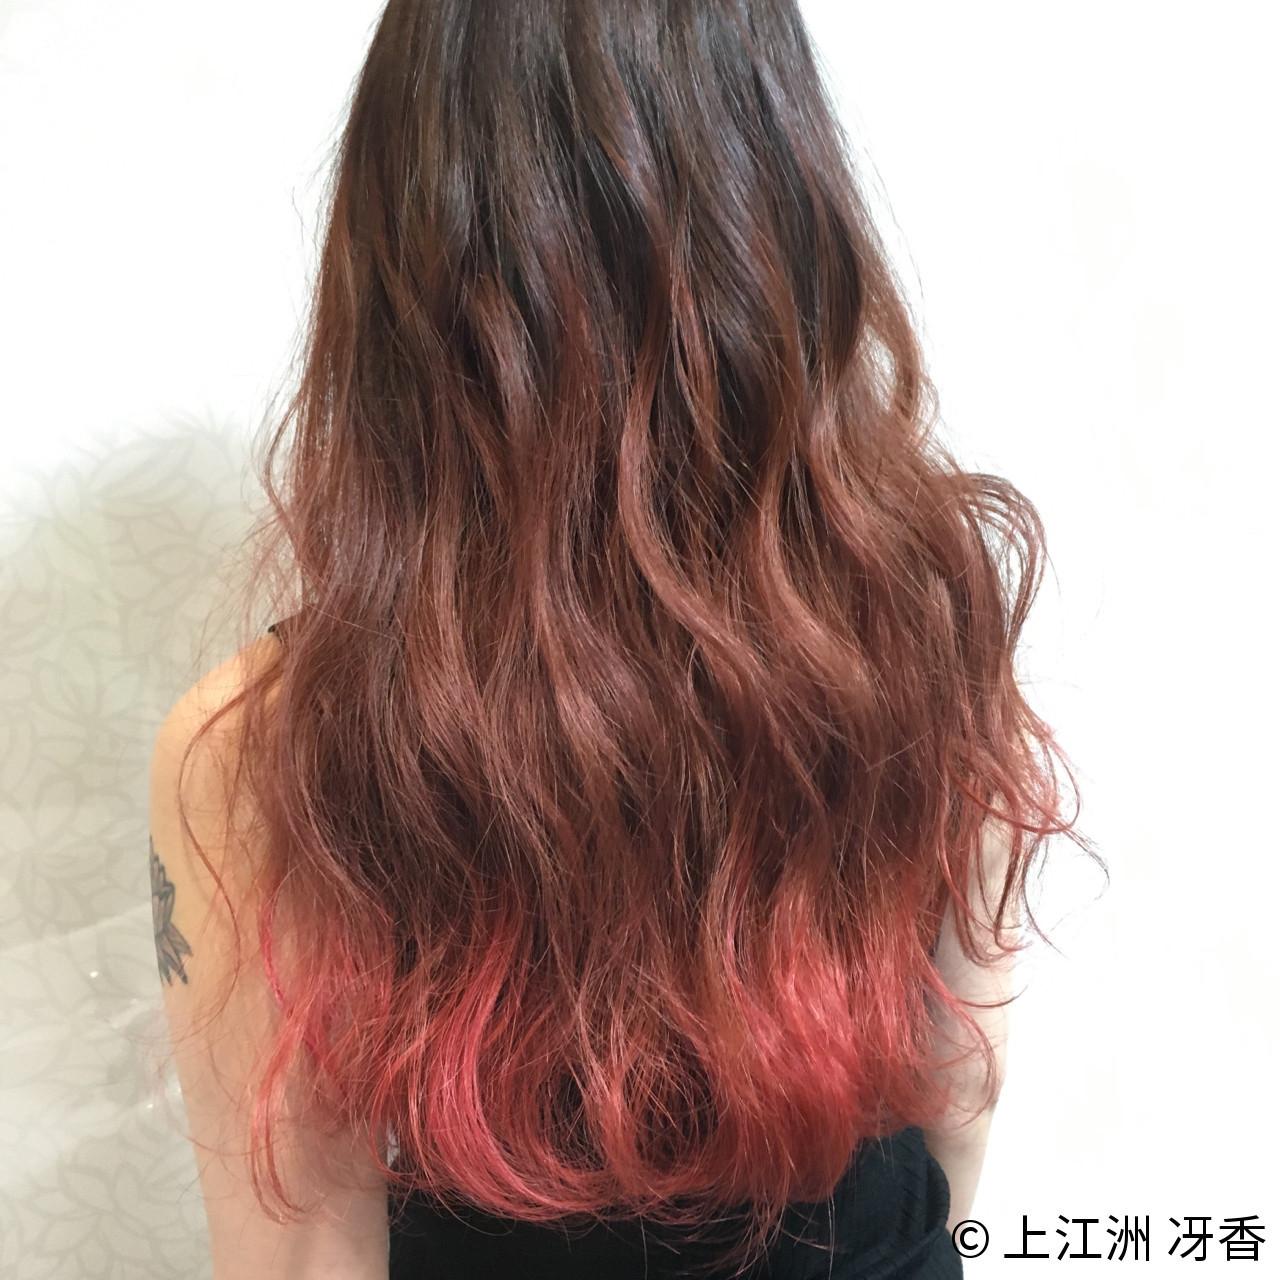 鮮やかなカラーを毛先に入れて個性的にも 上江洲 冴香